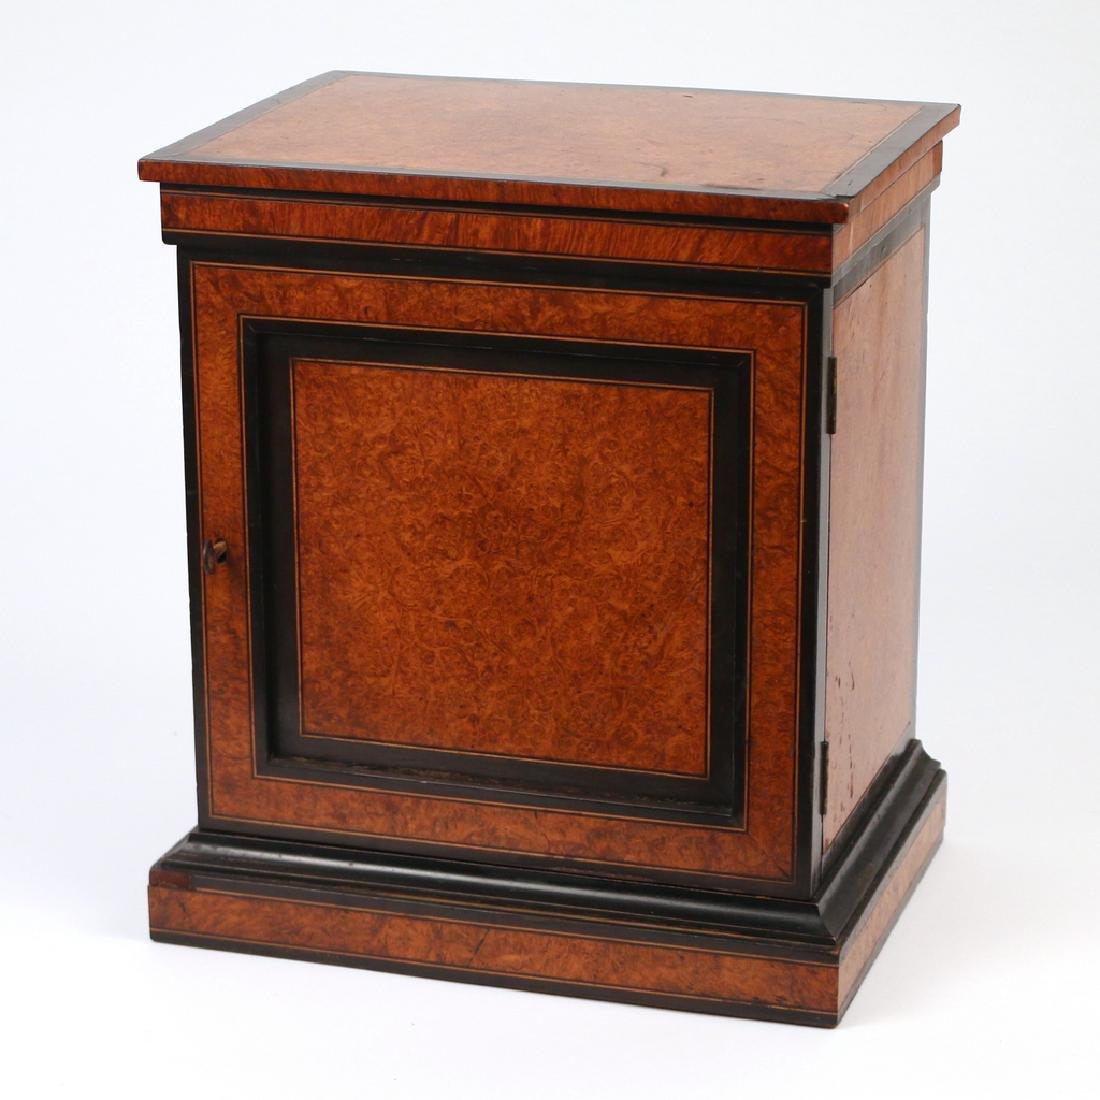 BURLED WALNUT & EBONIZED VALUBLES BOX